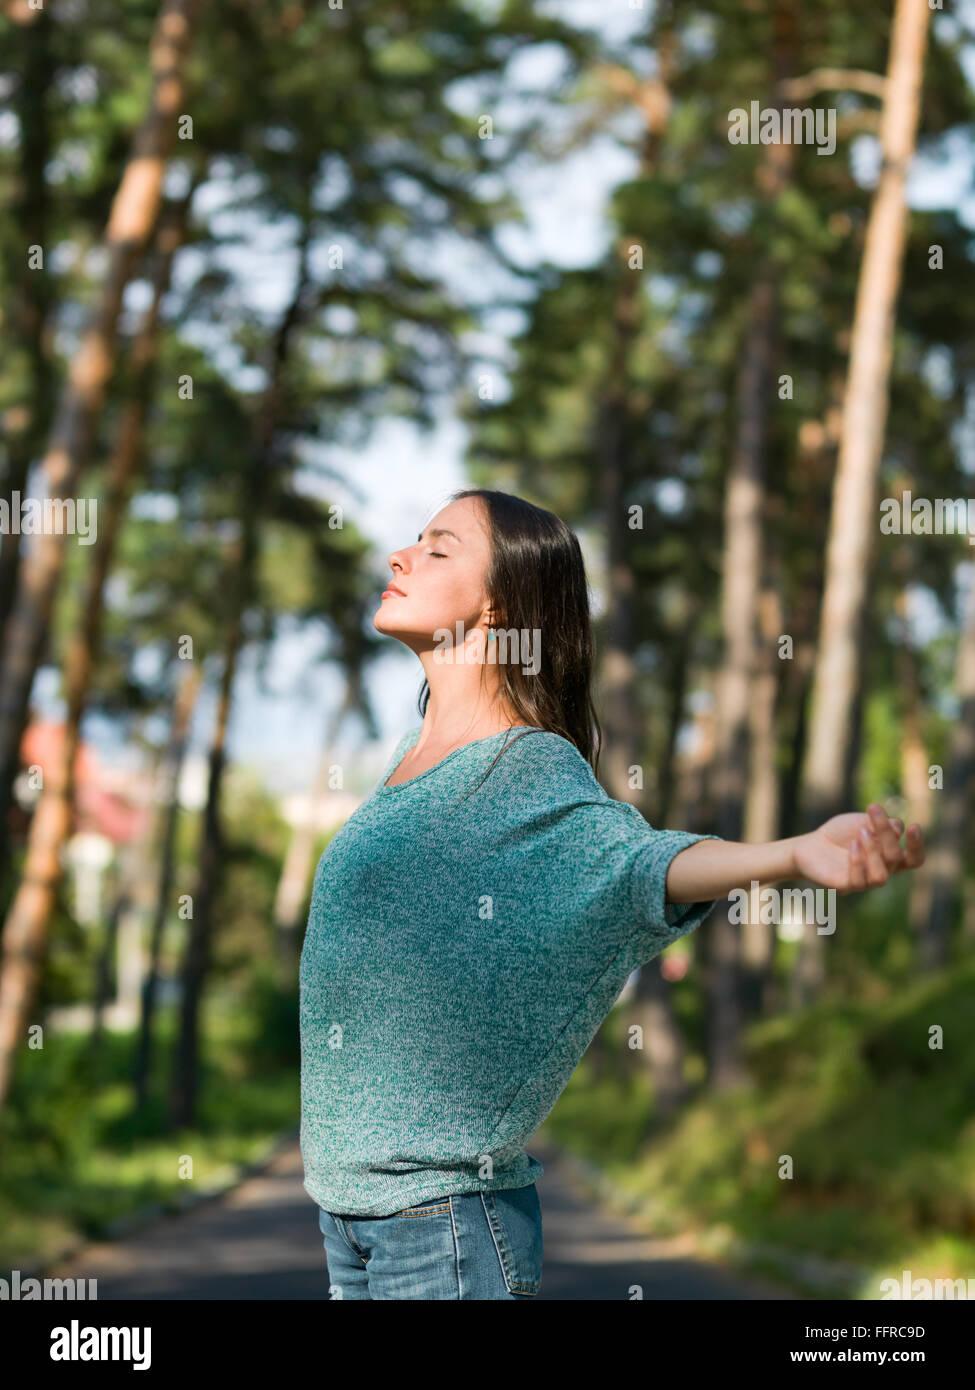 Bella giovane donna a godersi il bel tempo in un vicolo con alberi verdi Immagini Stock